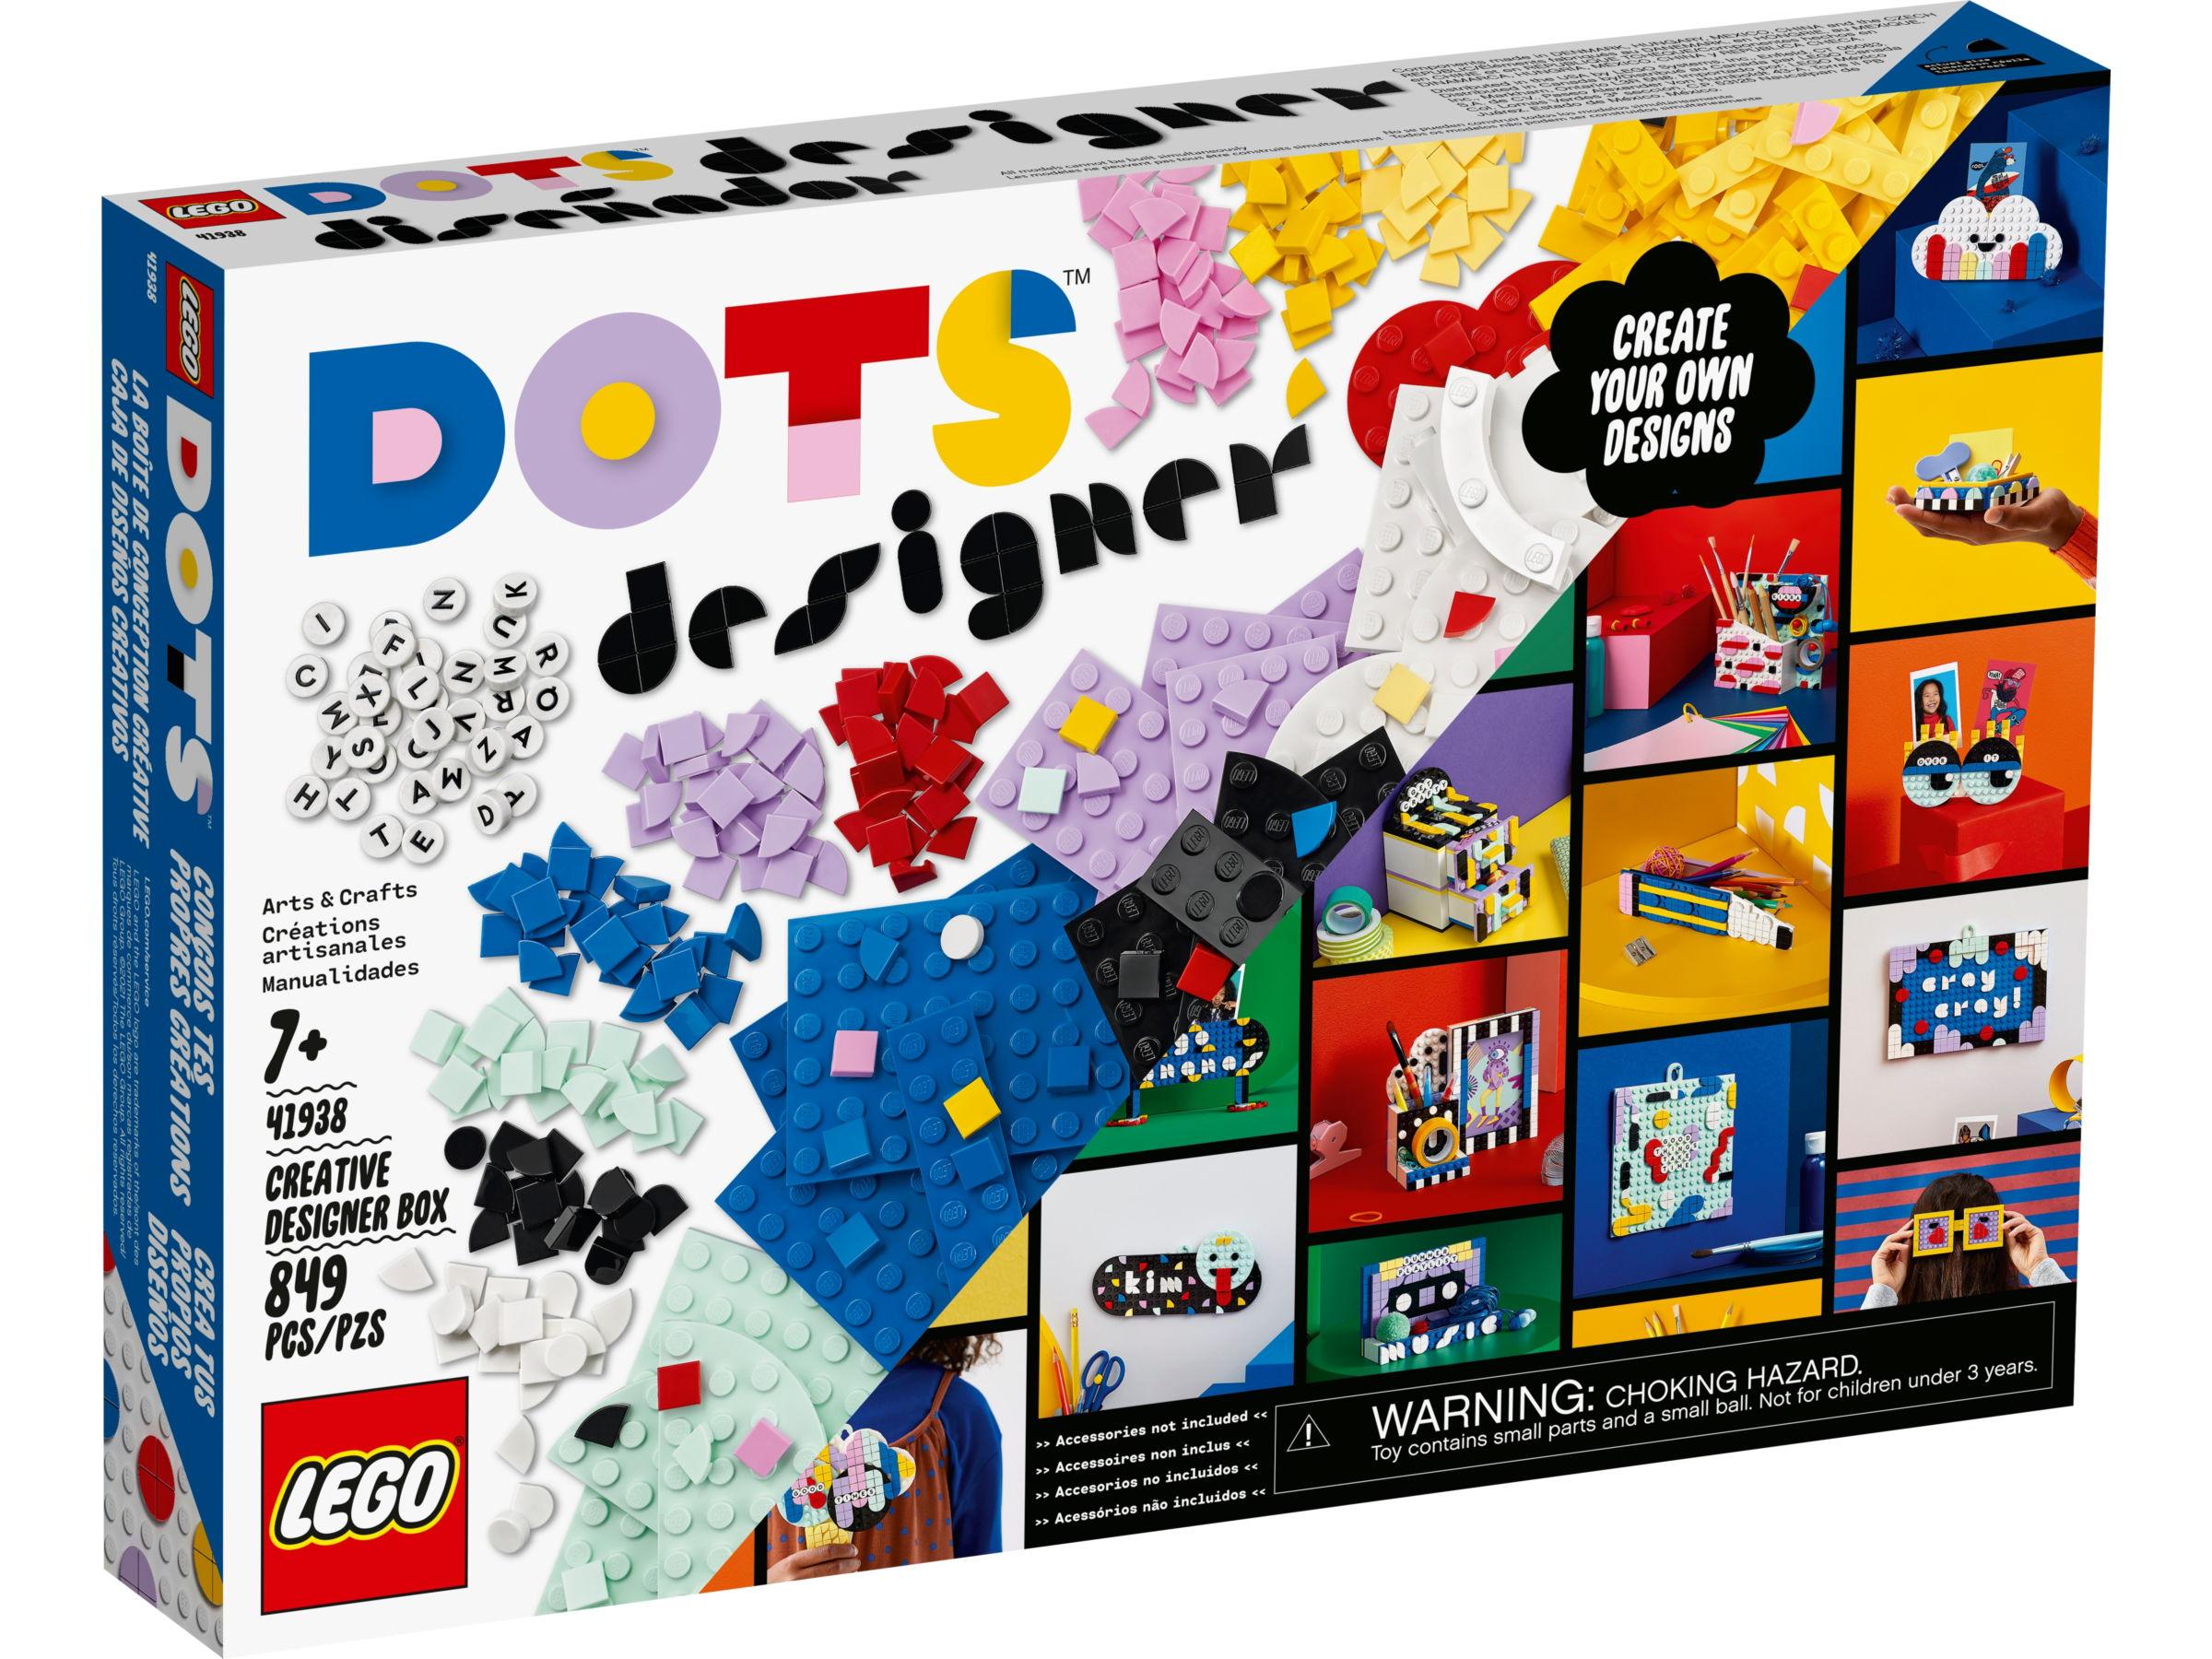 LEGO Dots 41938 Creatieve ontwerpdoos